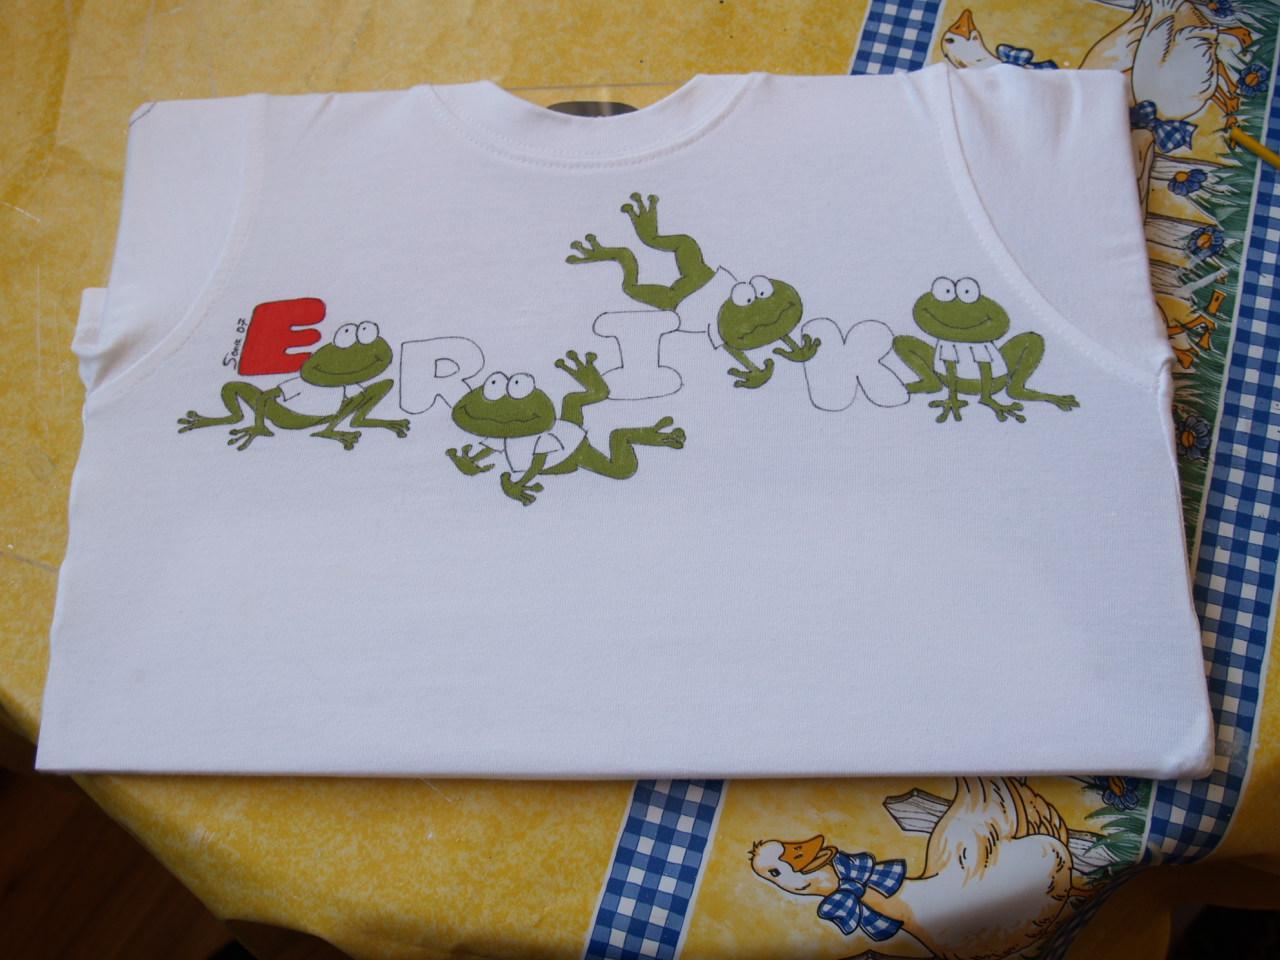 La calle de la abuela las camisetas son para el verano - Dibujos infantiles para pintar en tela ...